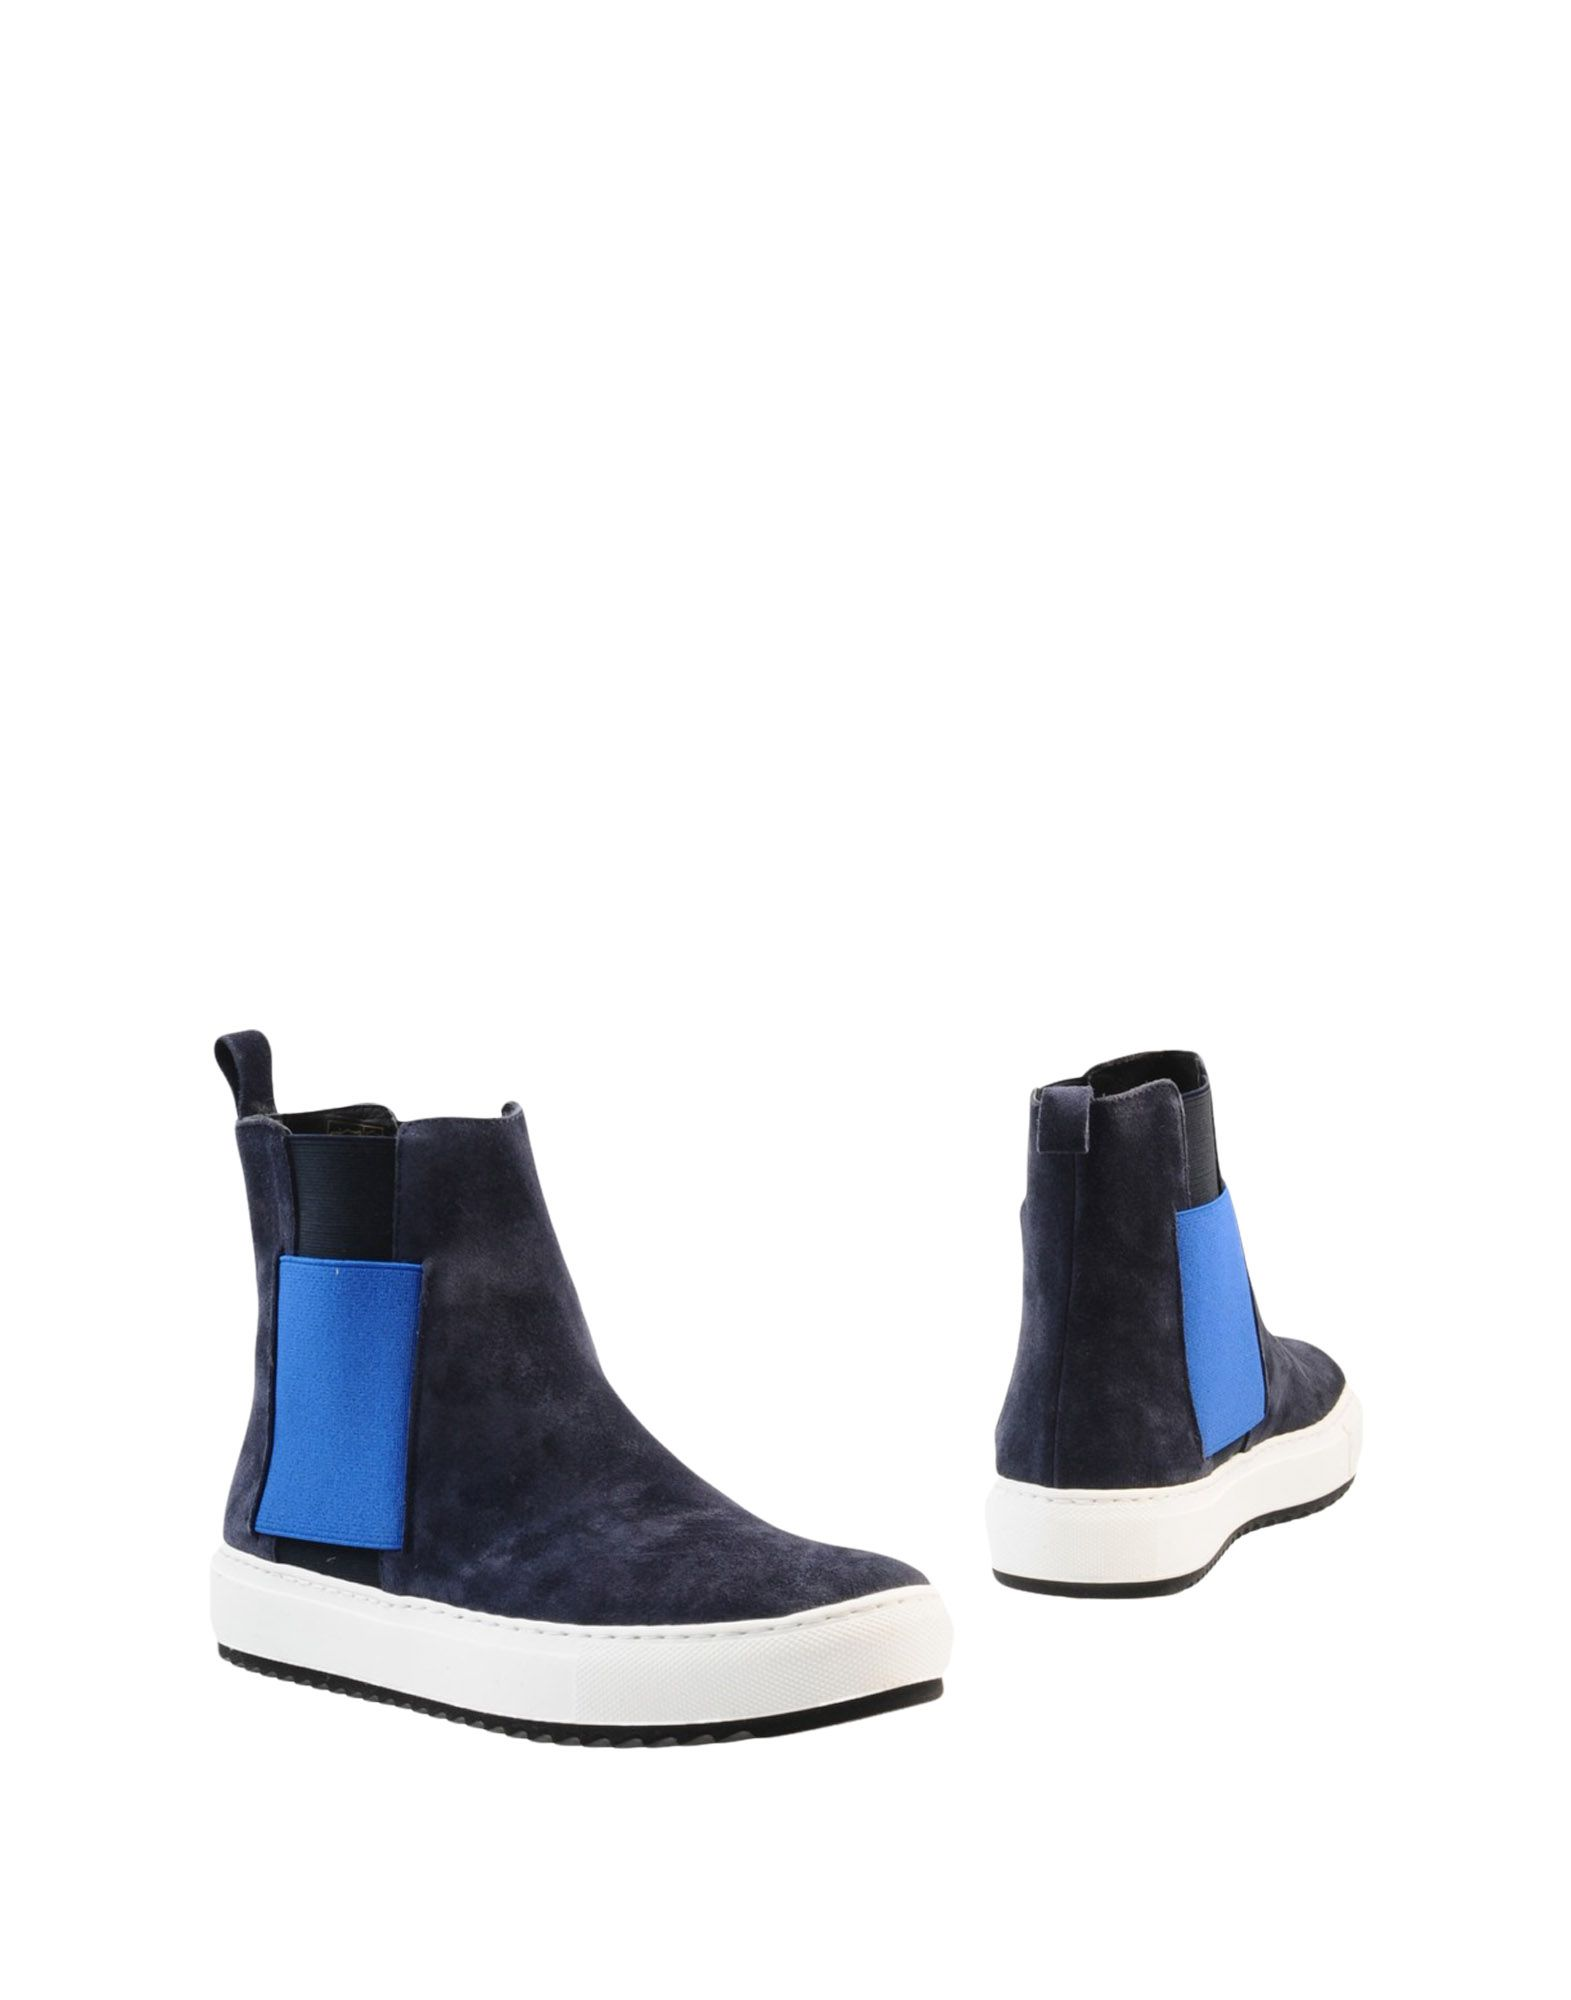 JOYKS Полусапоги и высокие ботинки цены онлайн